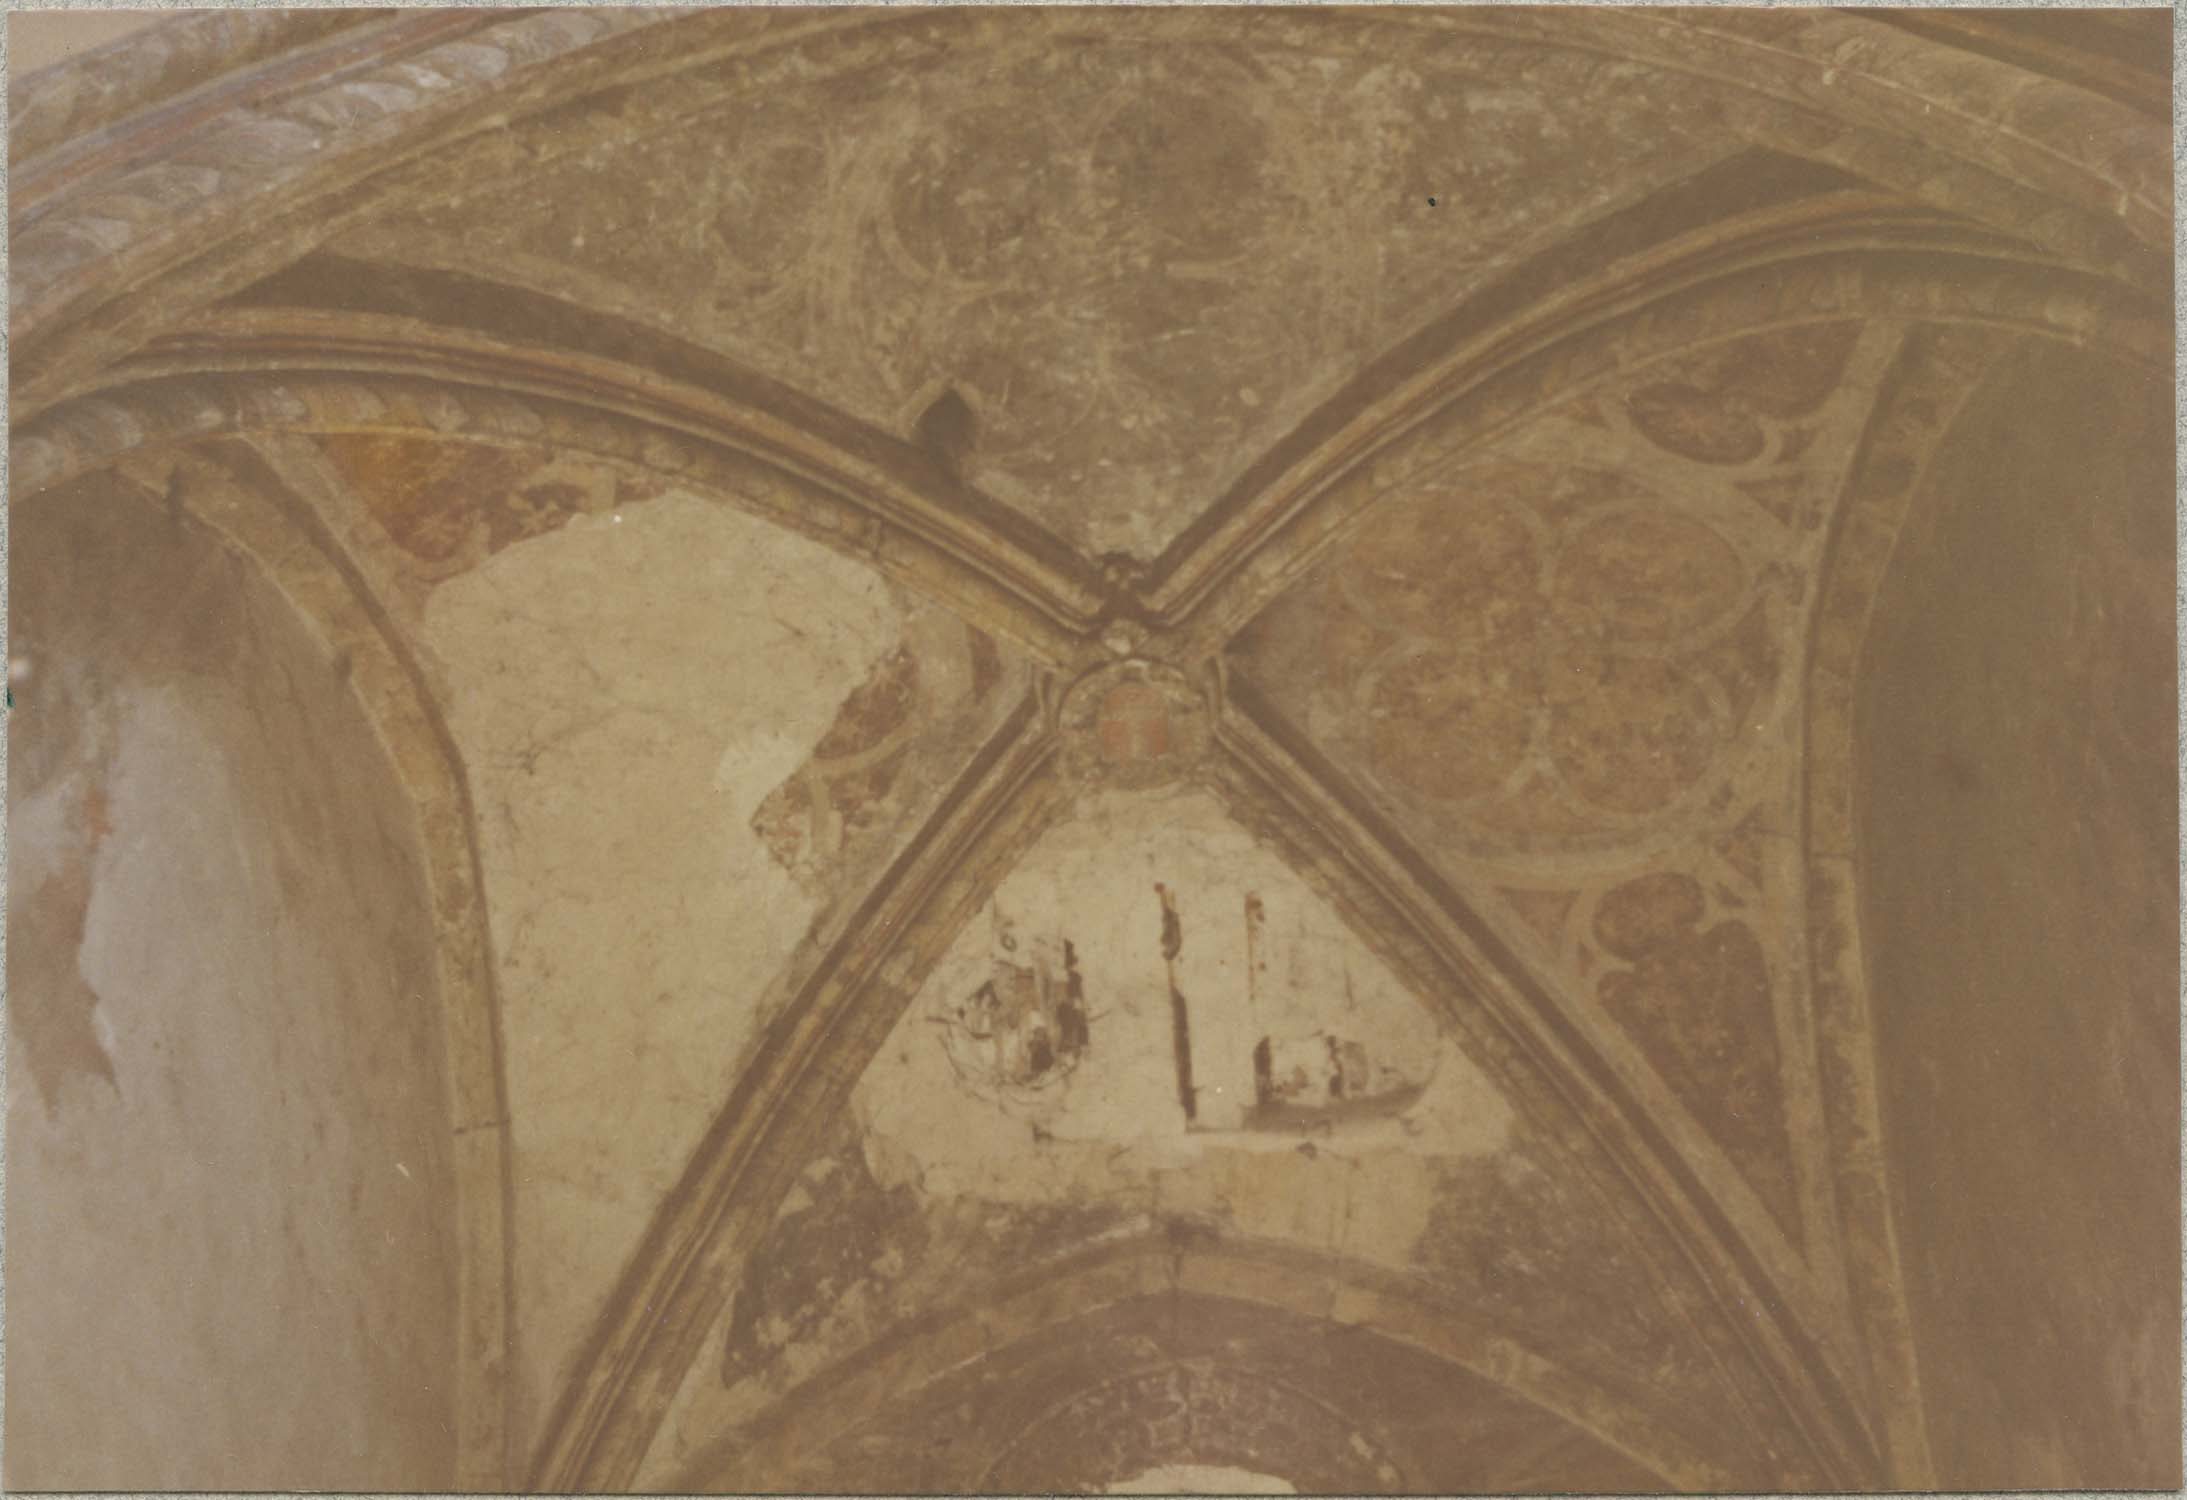 peintures monumentales : scènes de la vie bénédictine, vue partielle